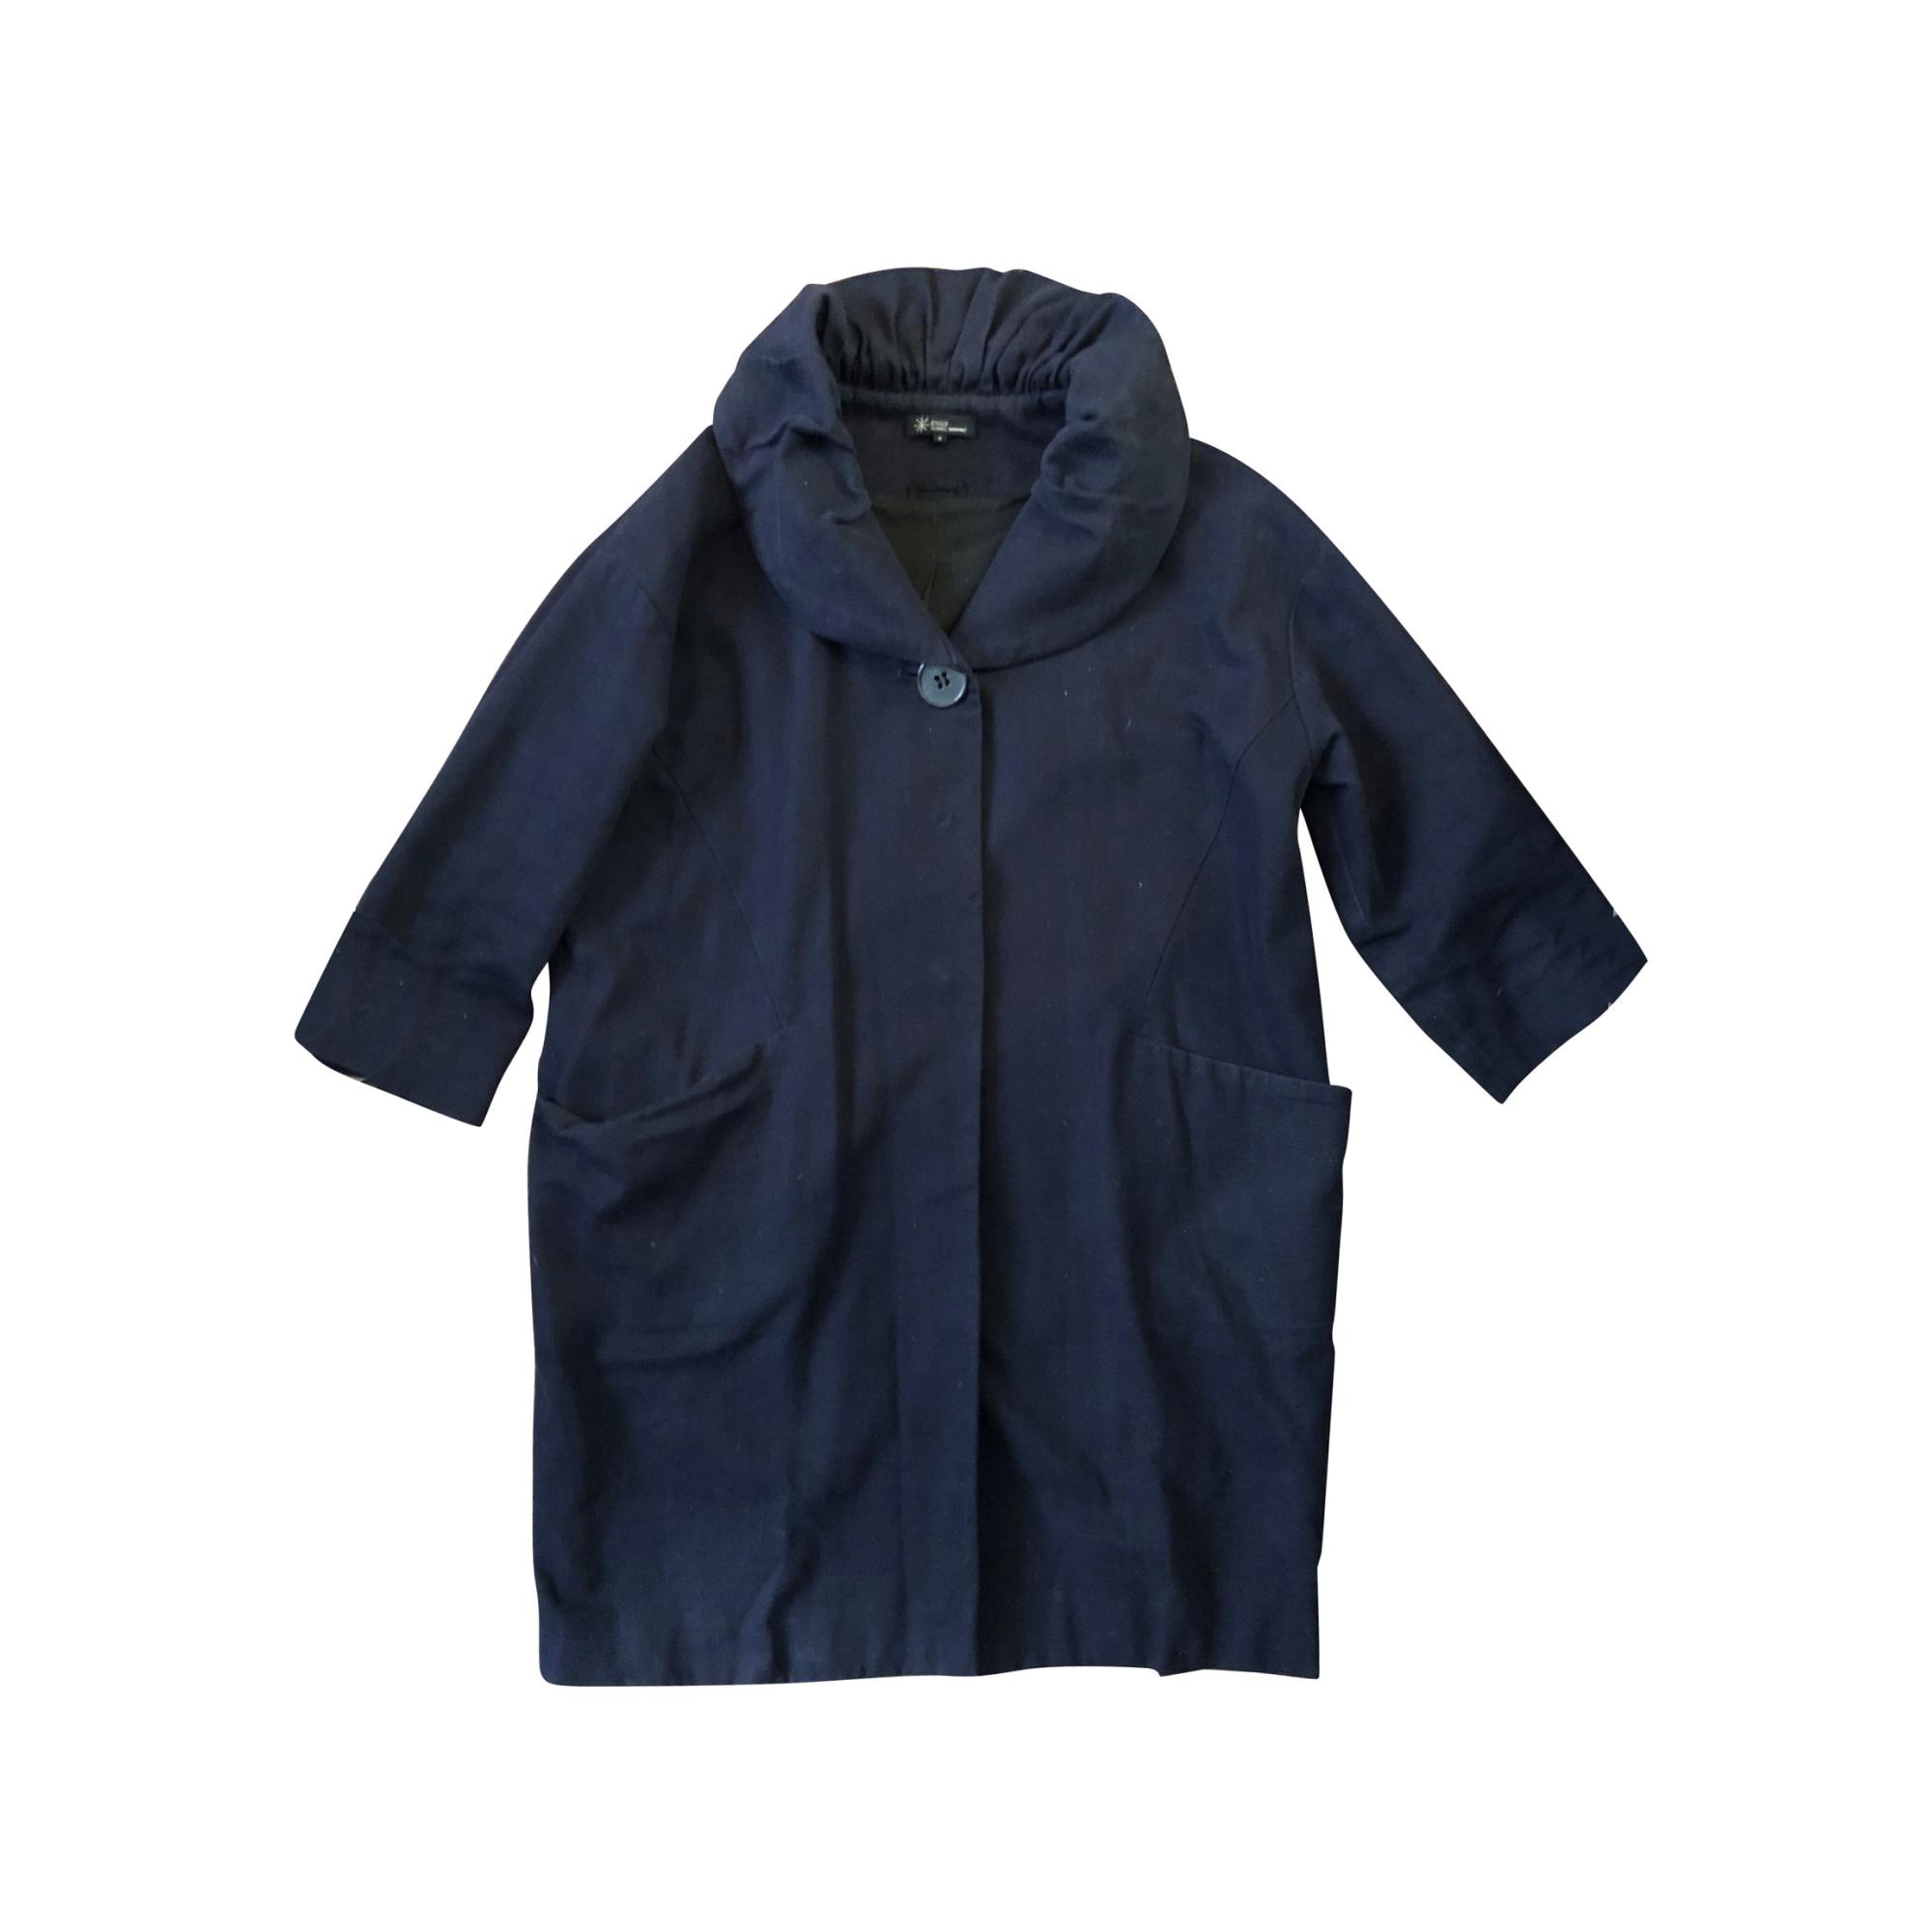 Coat ISABEL MARANT Blue, navy, turquoise